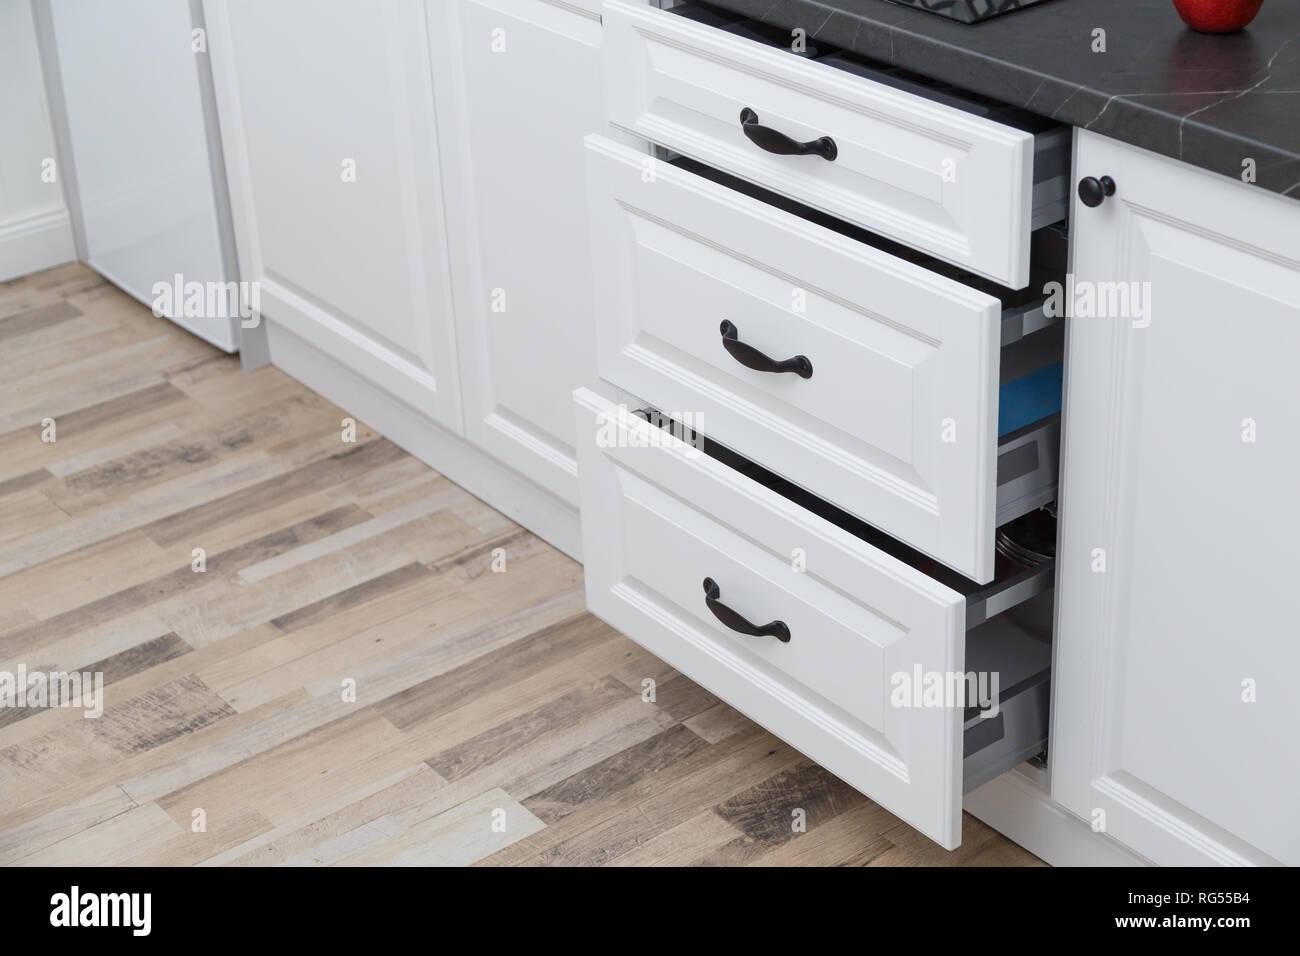 Küche Möbel. Weiße Küche Schubladen Stockfoto, Bild ...